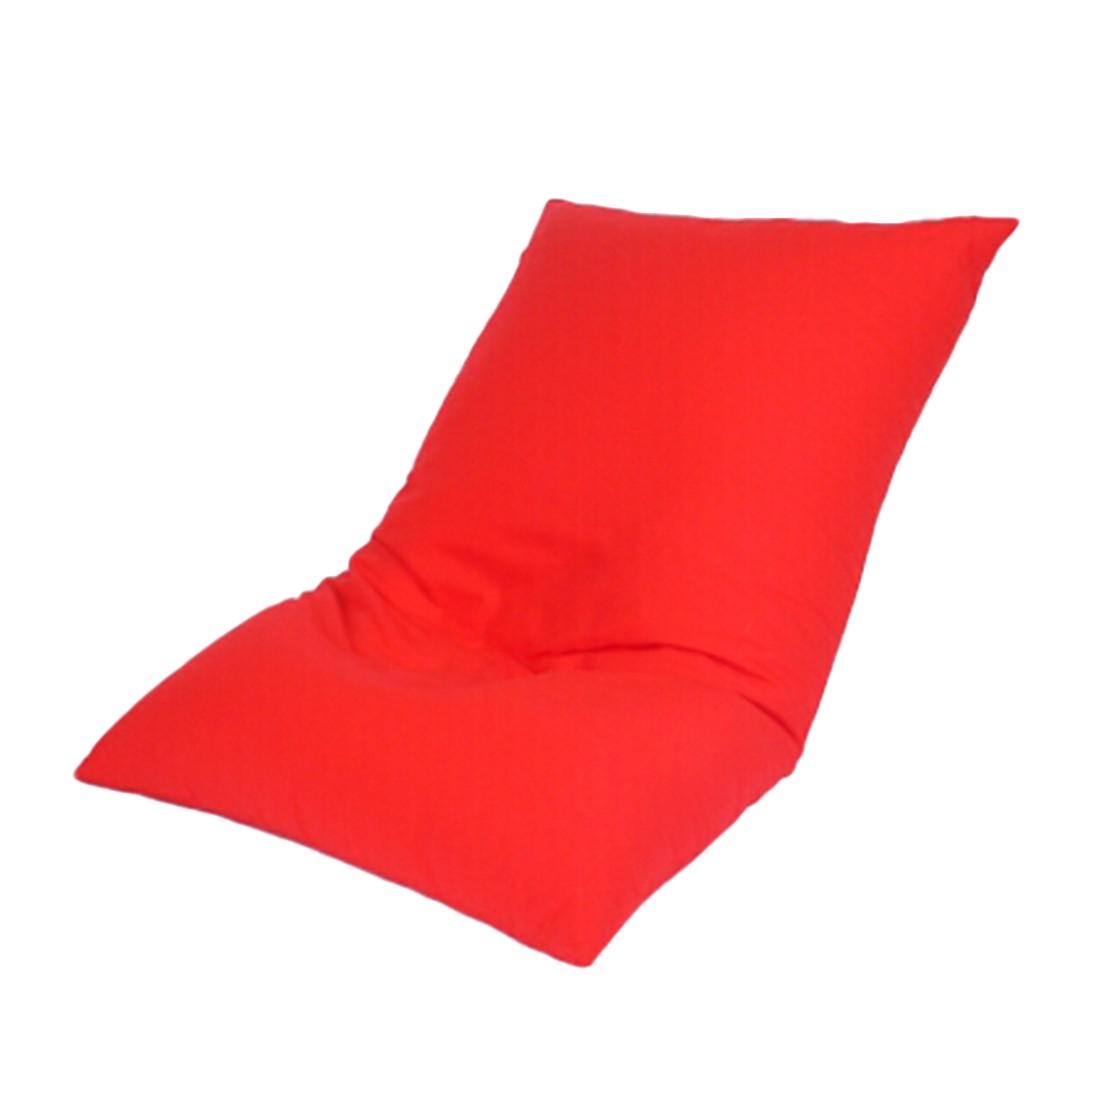 Bodenkissen Baumwolle imprägniert Rot – 130 x 80 cm, KC-Handel günstig kaufen